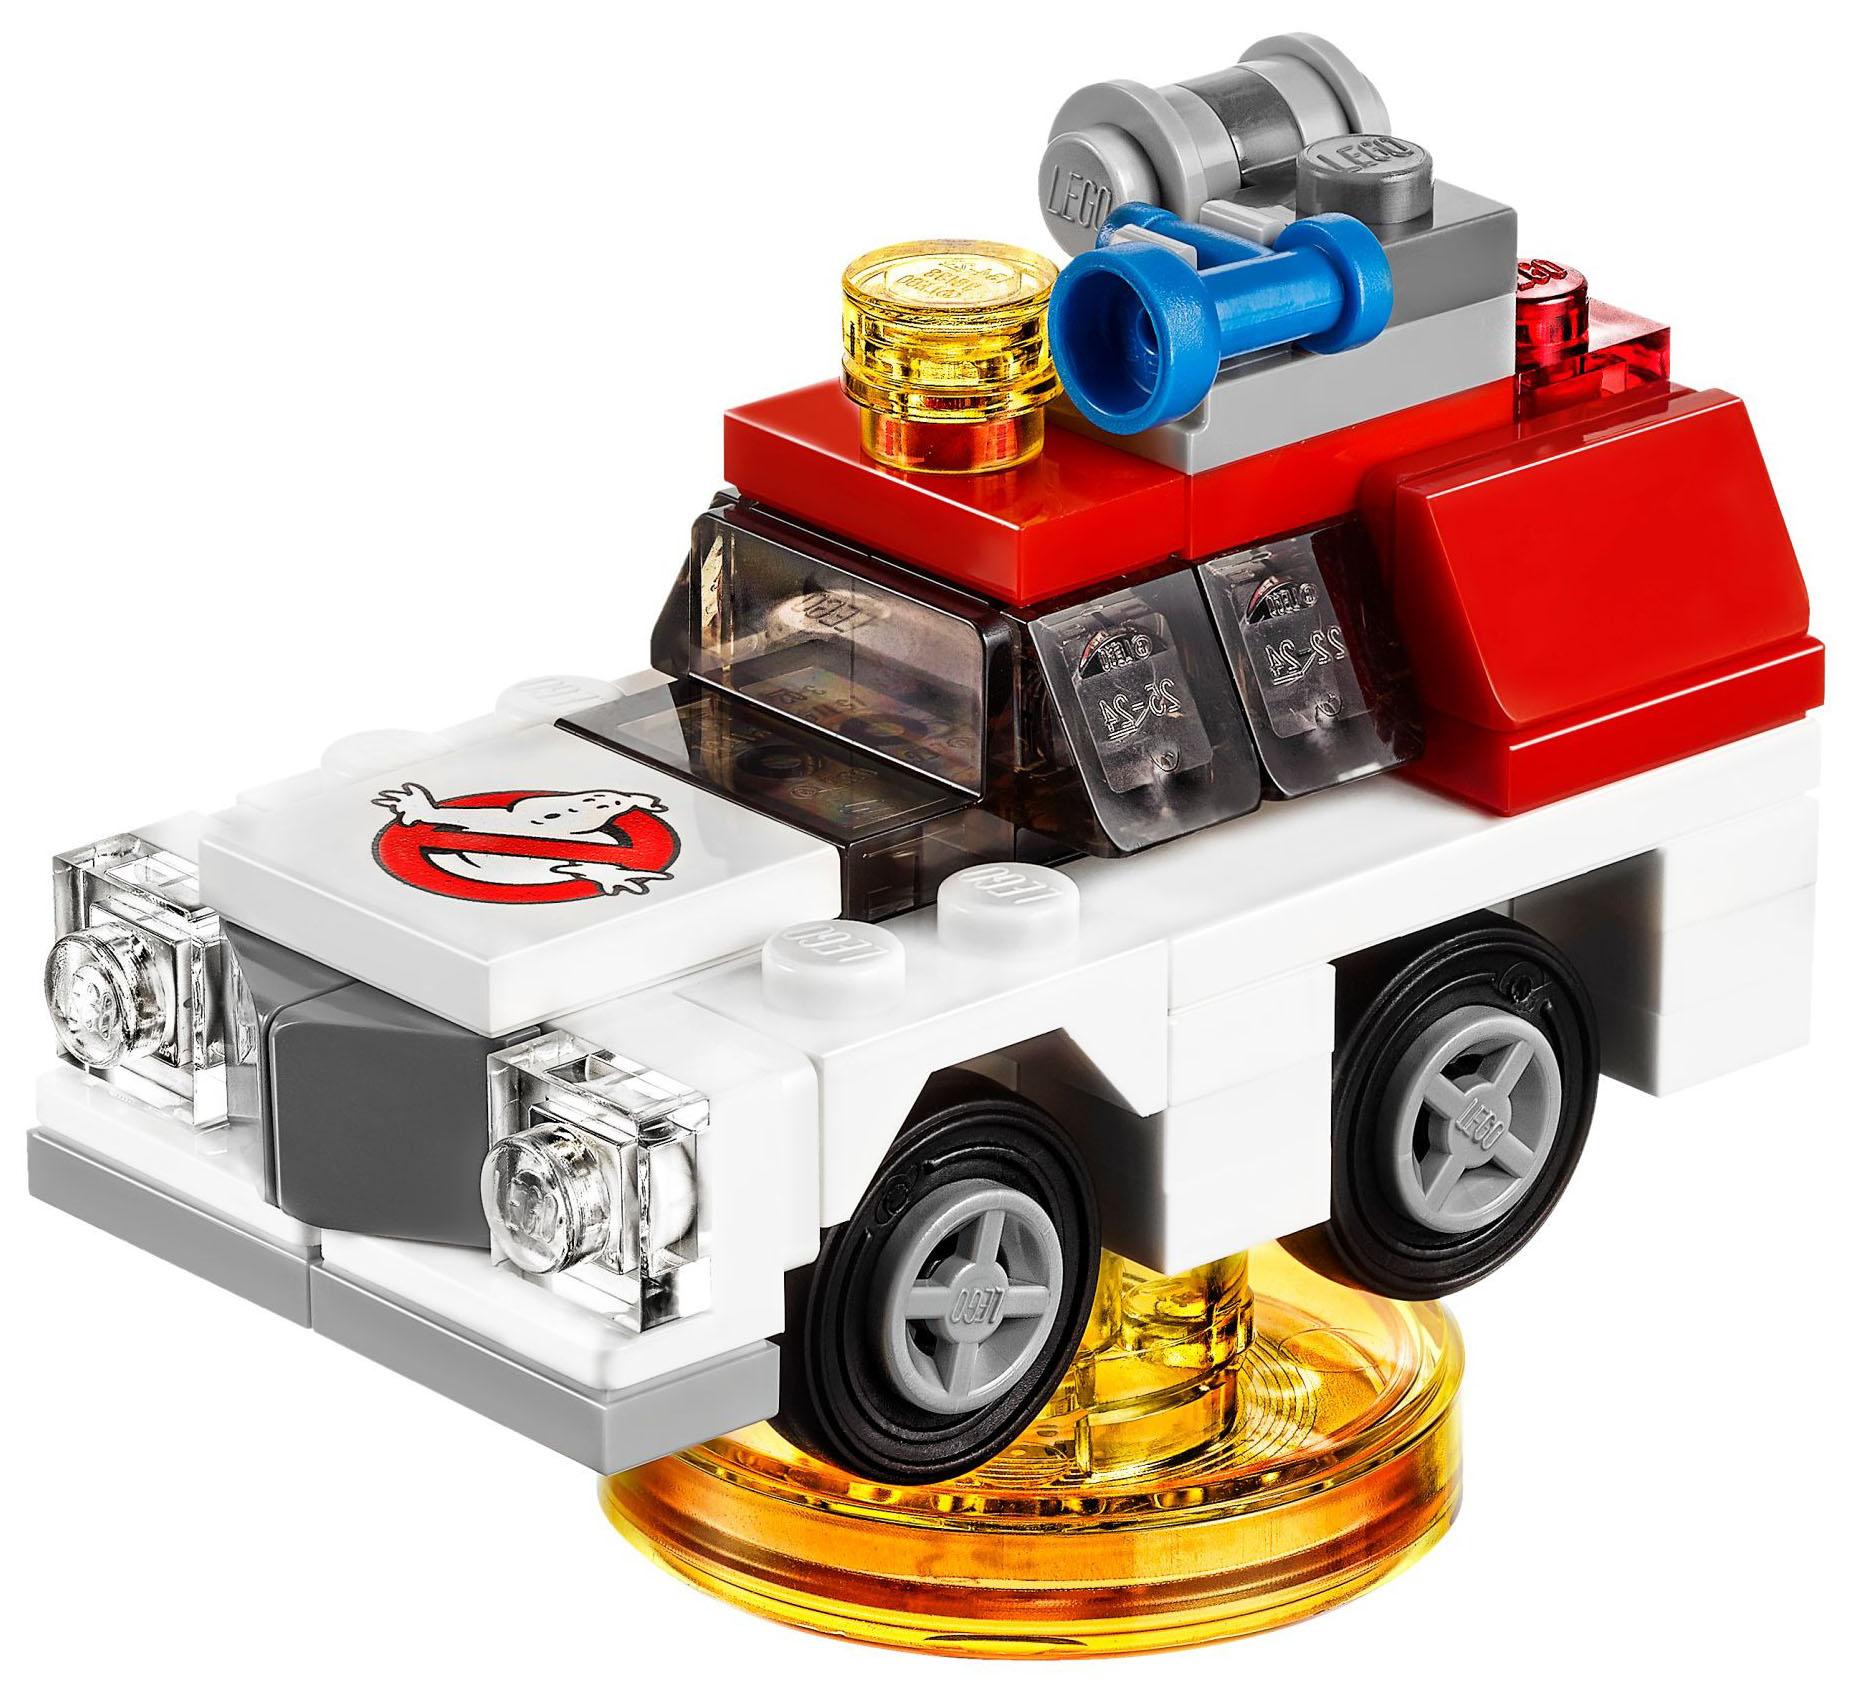 Lego Dimension Ecto Build